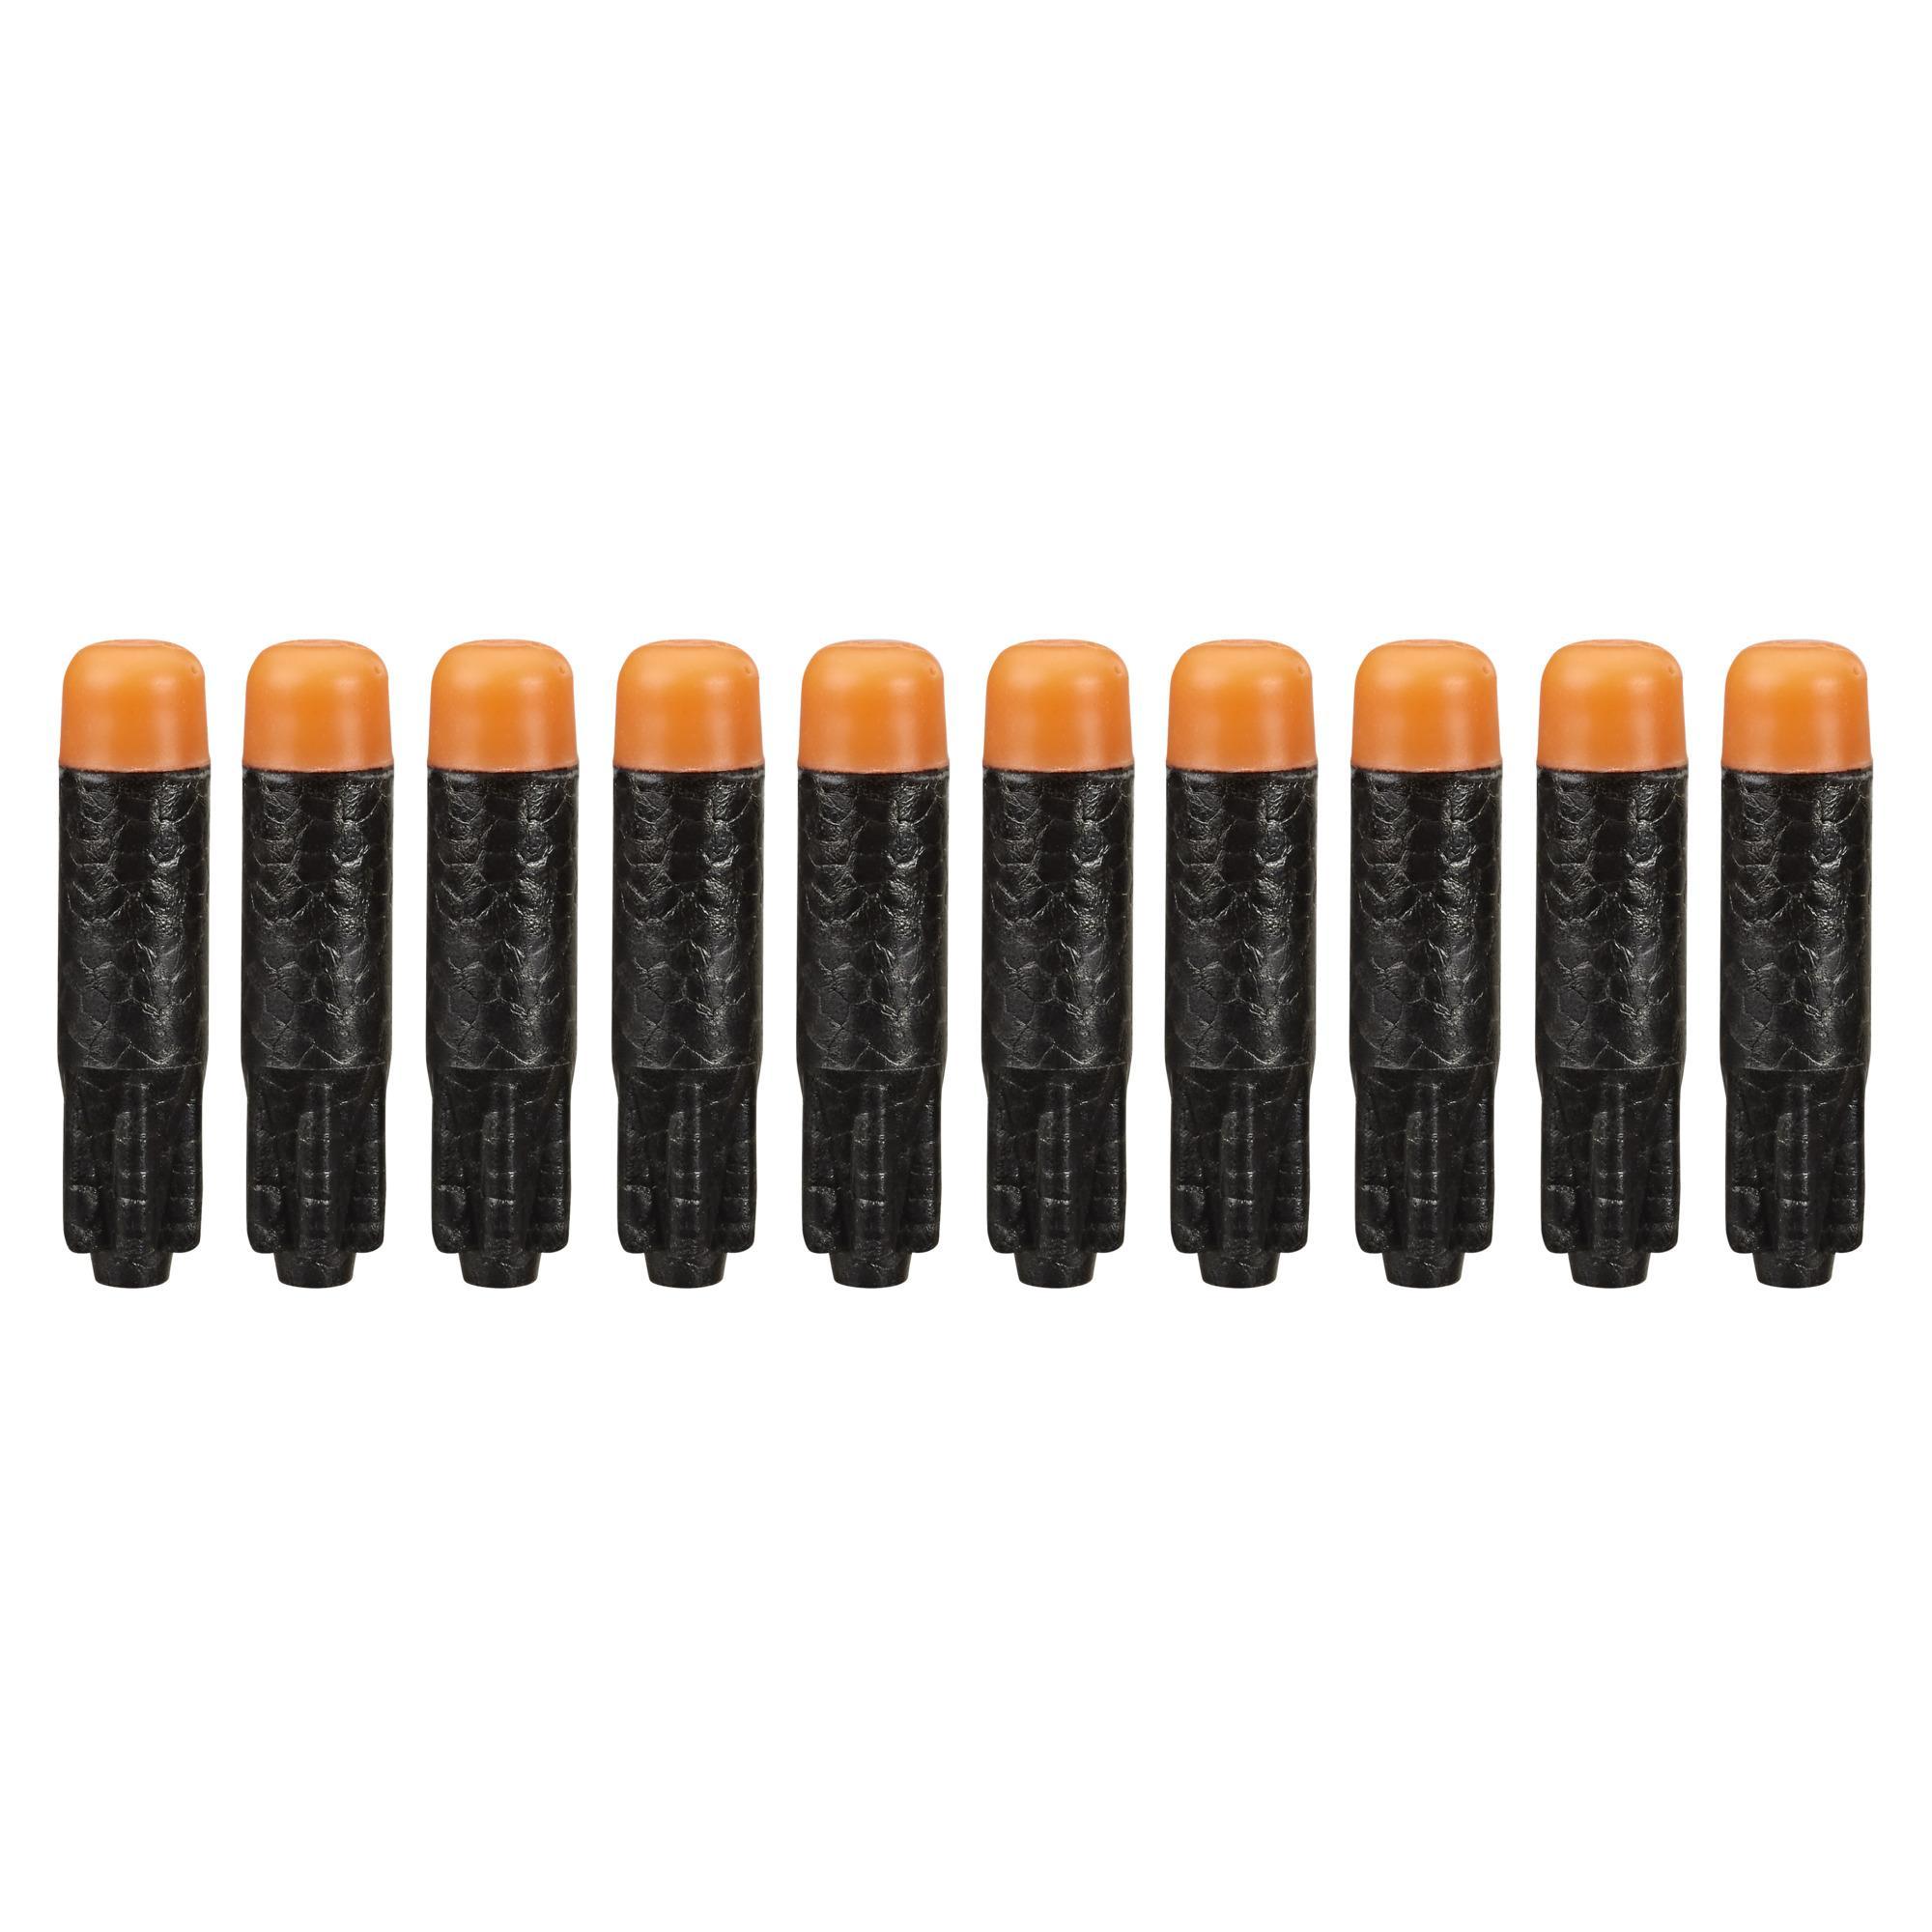 Recharge de 10 fléchettes Nerf Ultra One - Le nec plus ultra en tir de fléchettes Nerf, compatibles seulement avec les blasters Nerf Ultra One